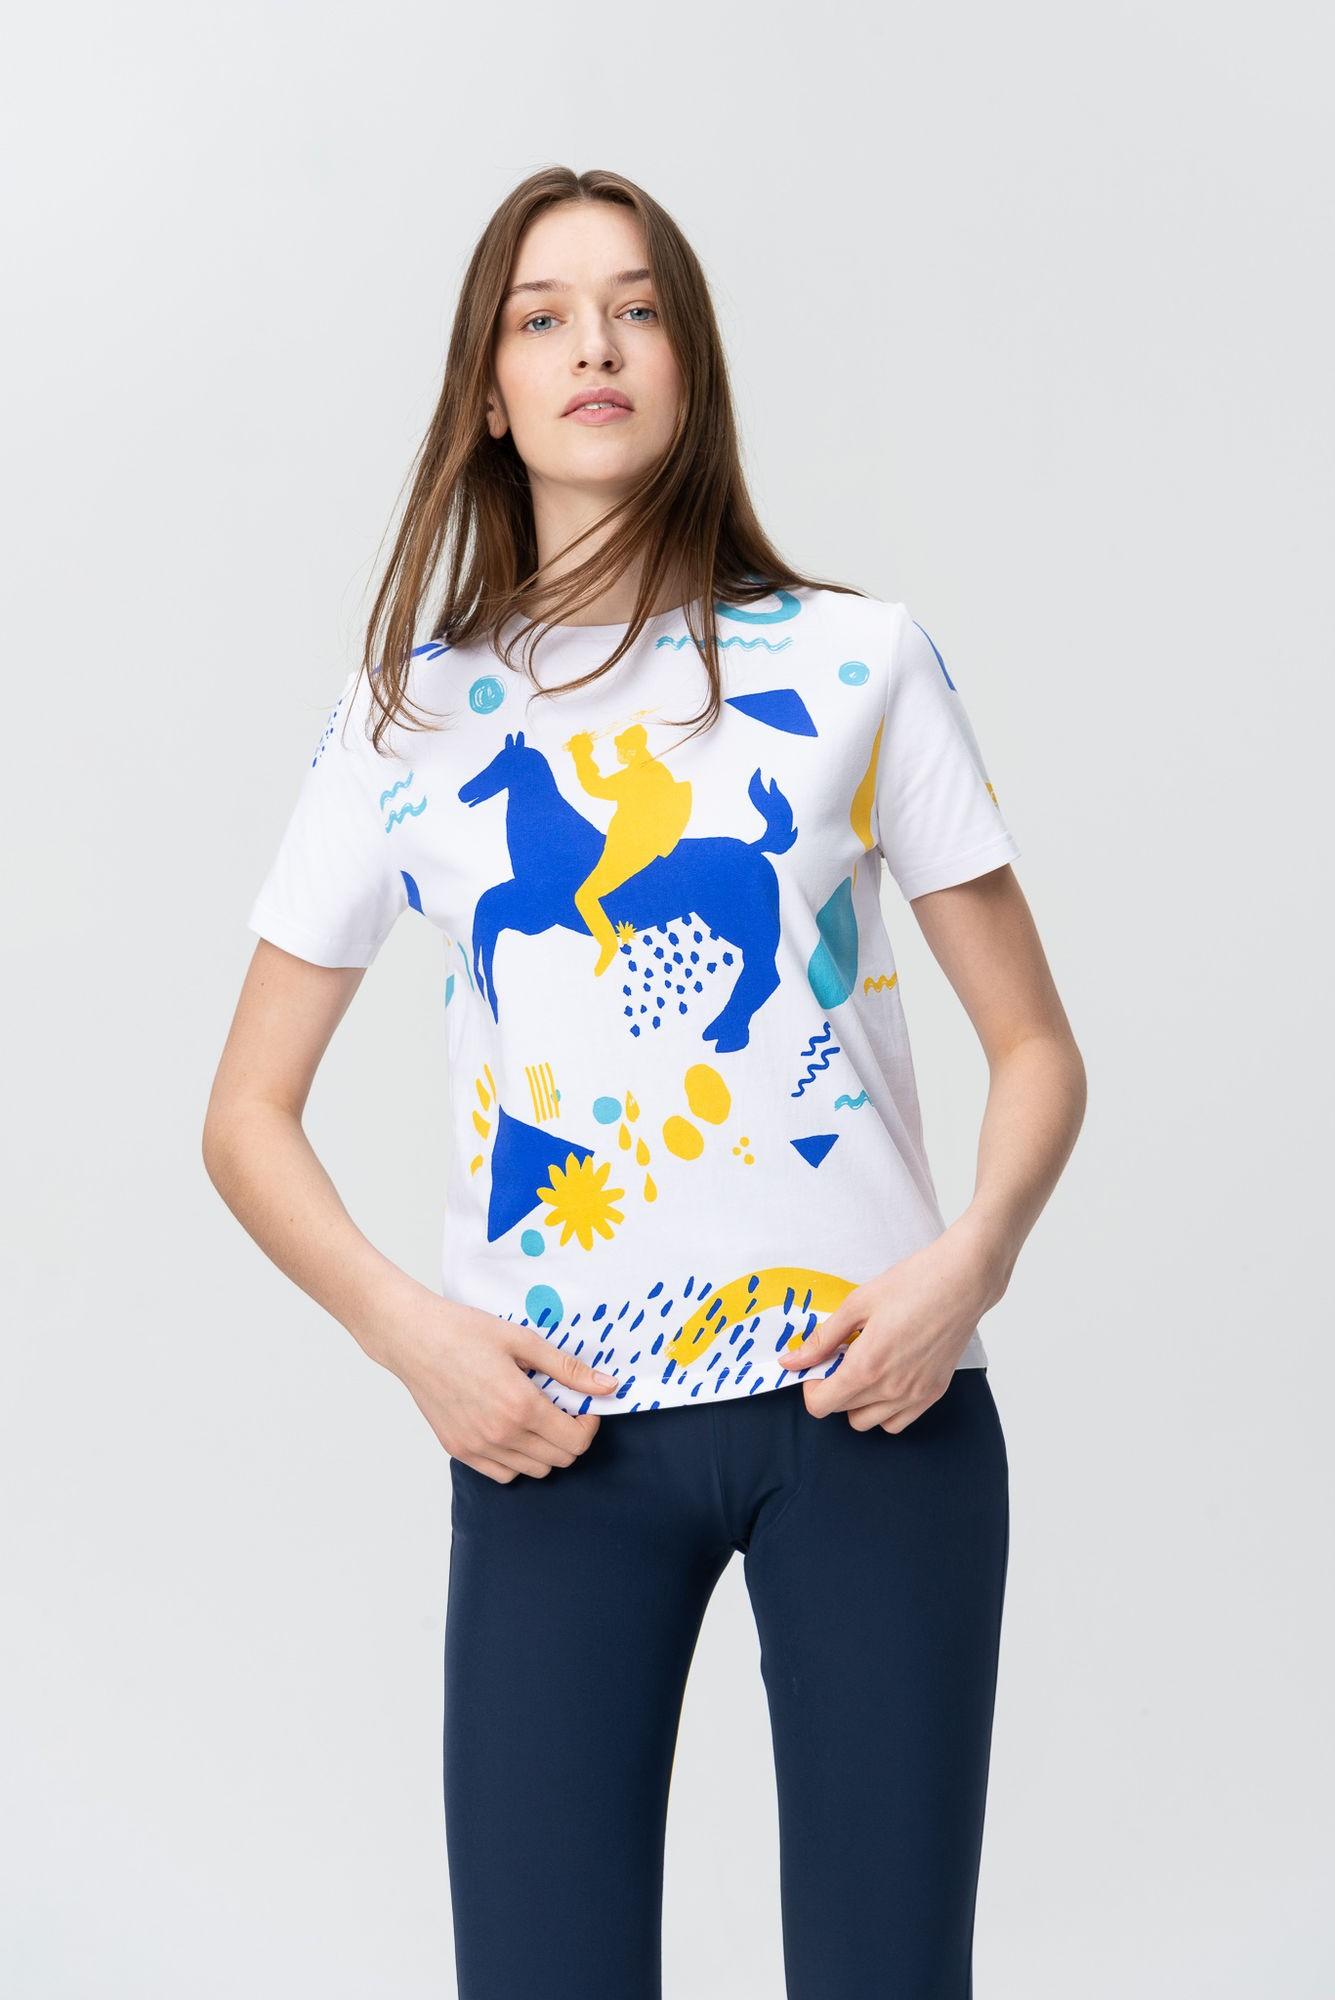 AUDIMAS Marškinėliai trumpomis rankovėmis 20HR-021 Vytis5/White Printed XL